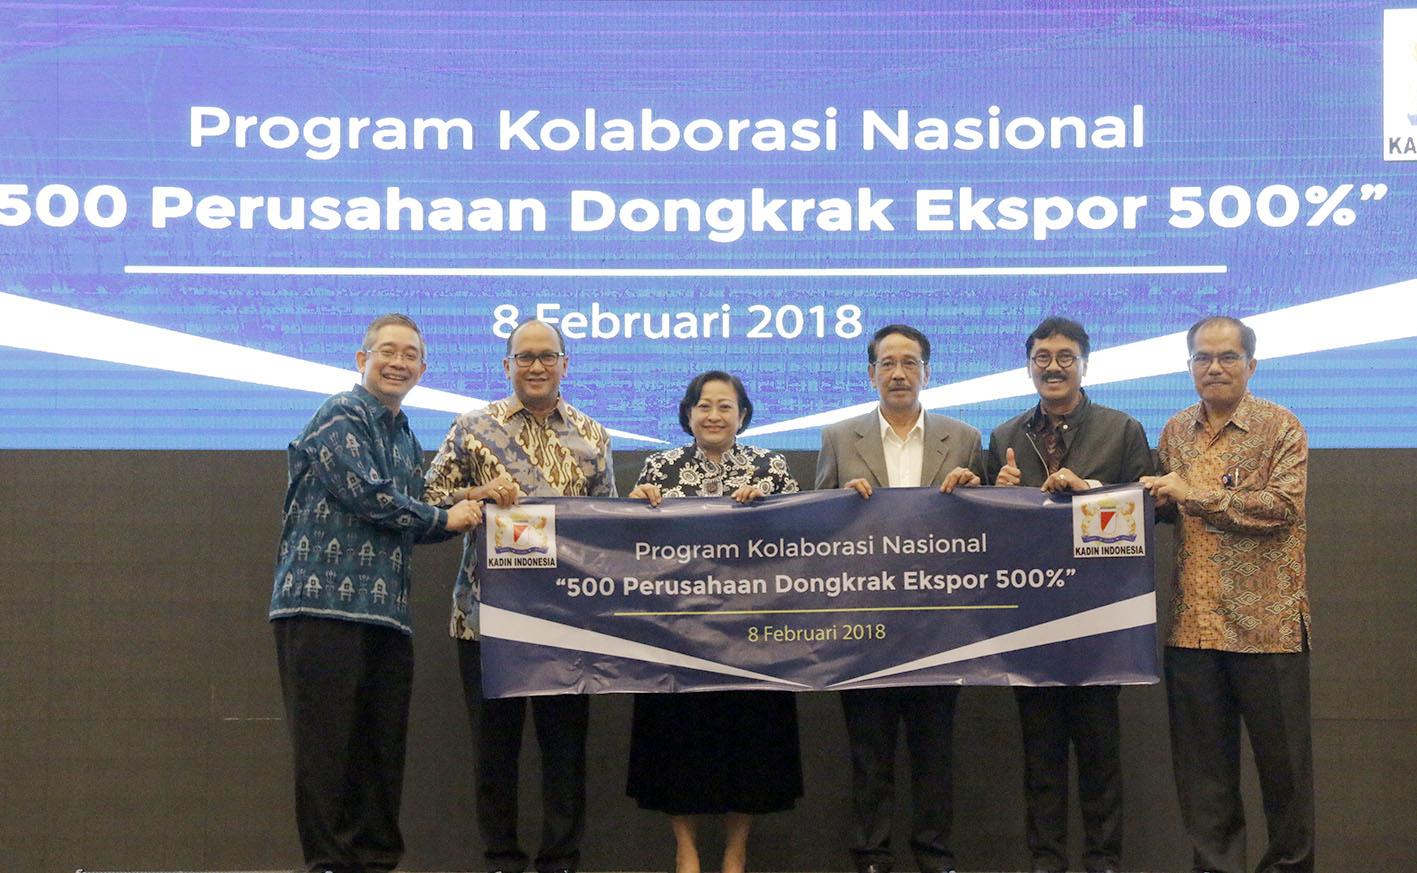 Konferensi Perdagangan Nasional 2018